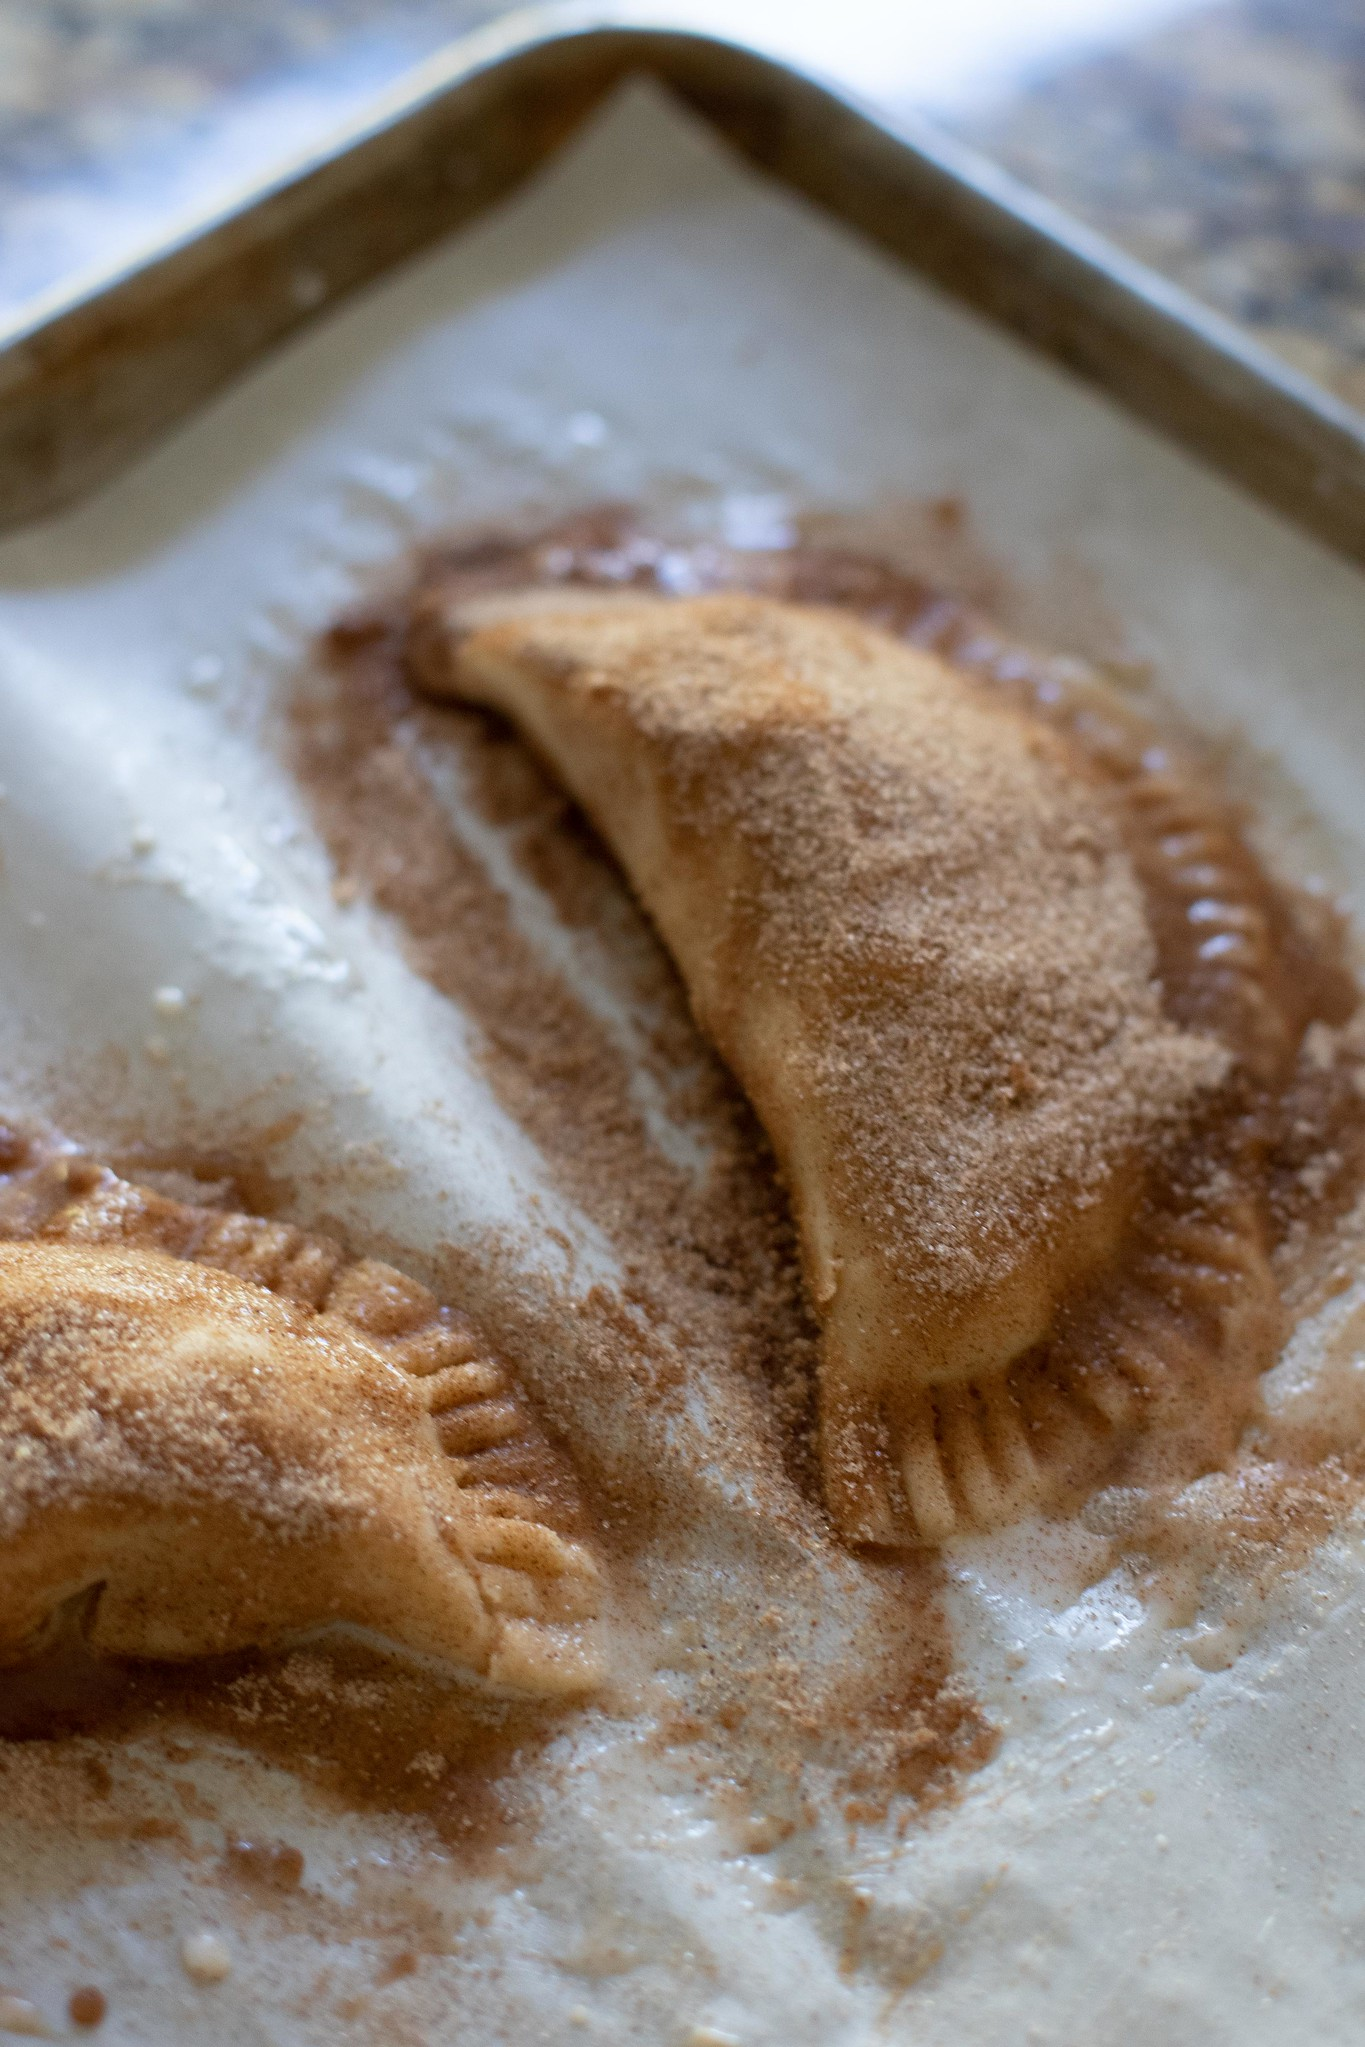 caramel apple empanadas ready for the oven